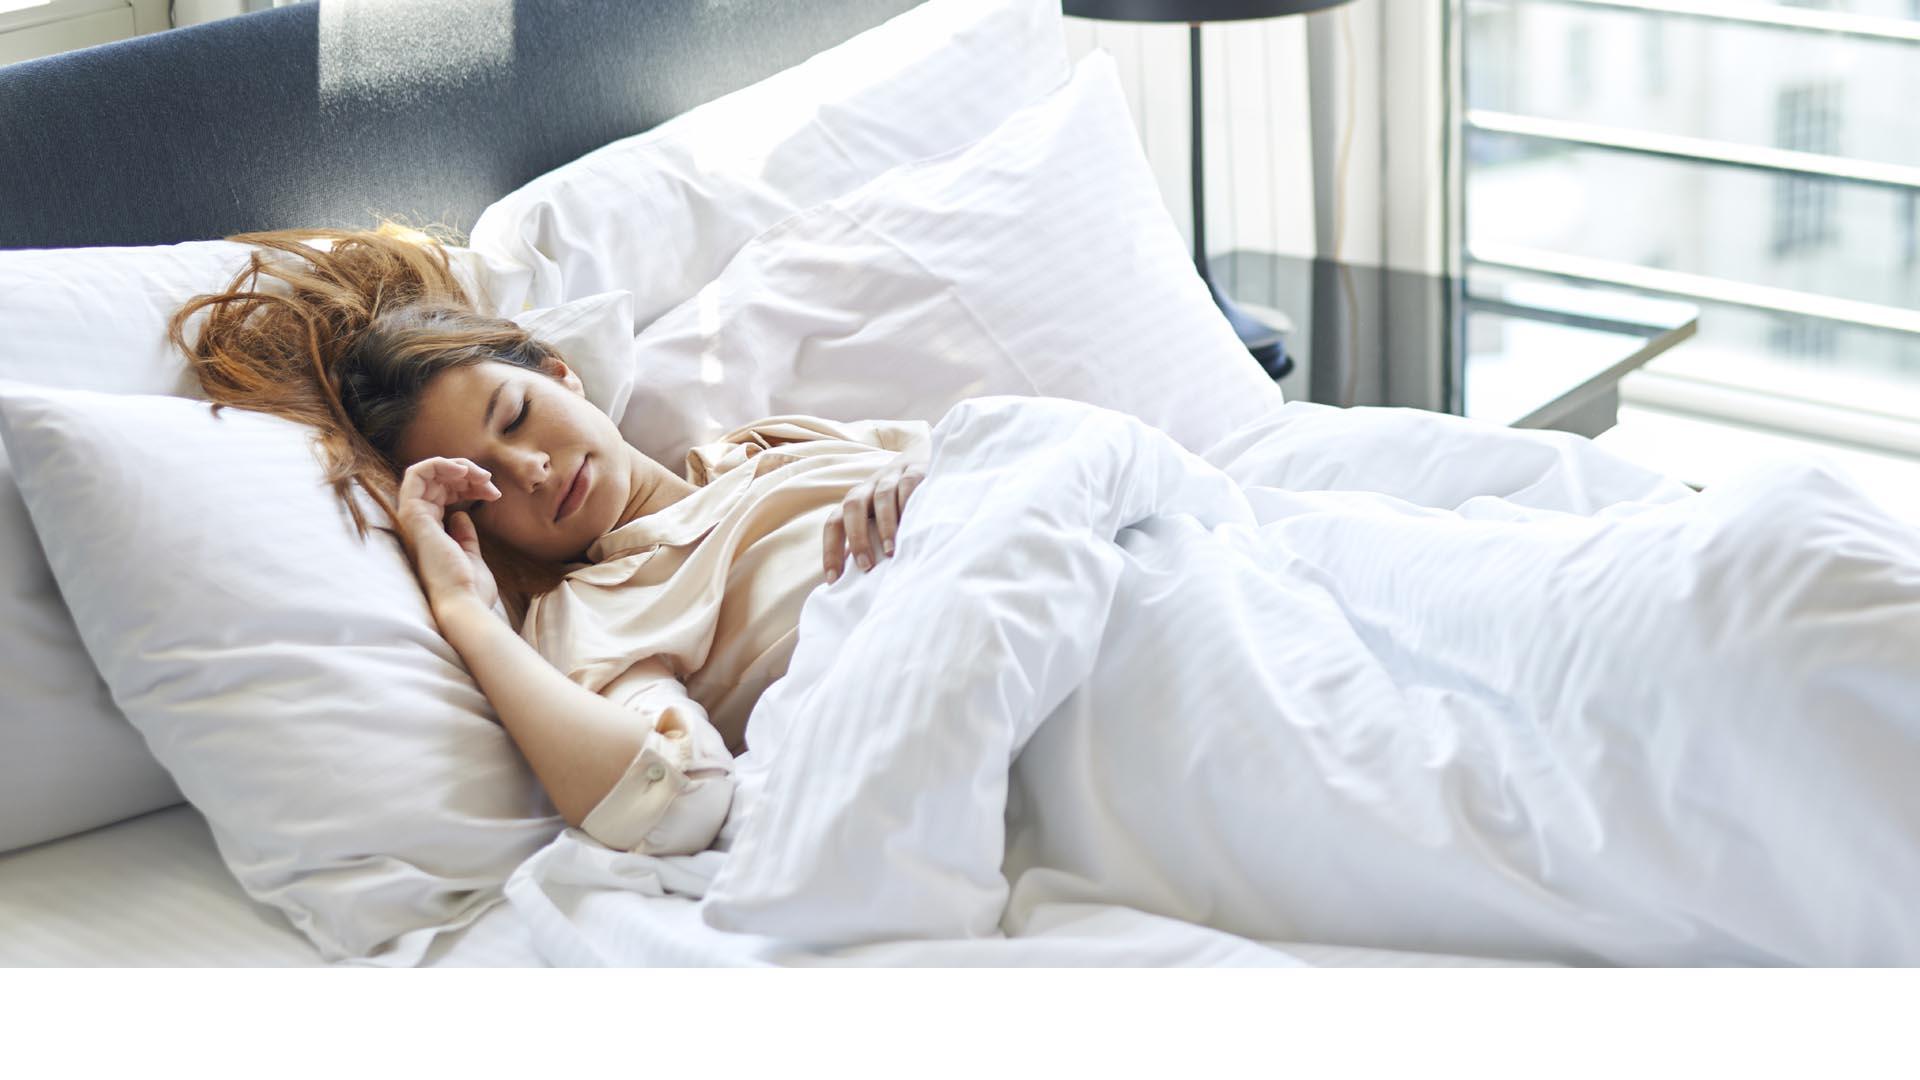 Según estudios, uno de cada tres adultos estadounidenses no duerme lo suficiente y casi el mismo porcentaje son obesos